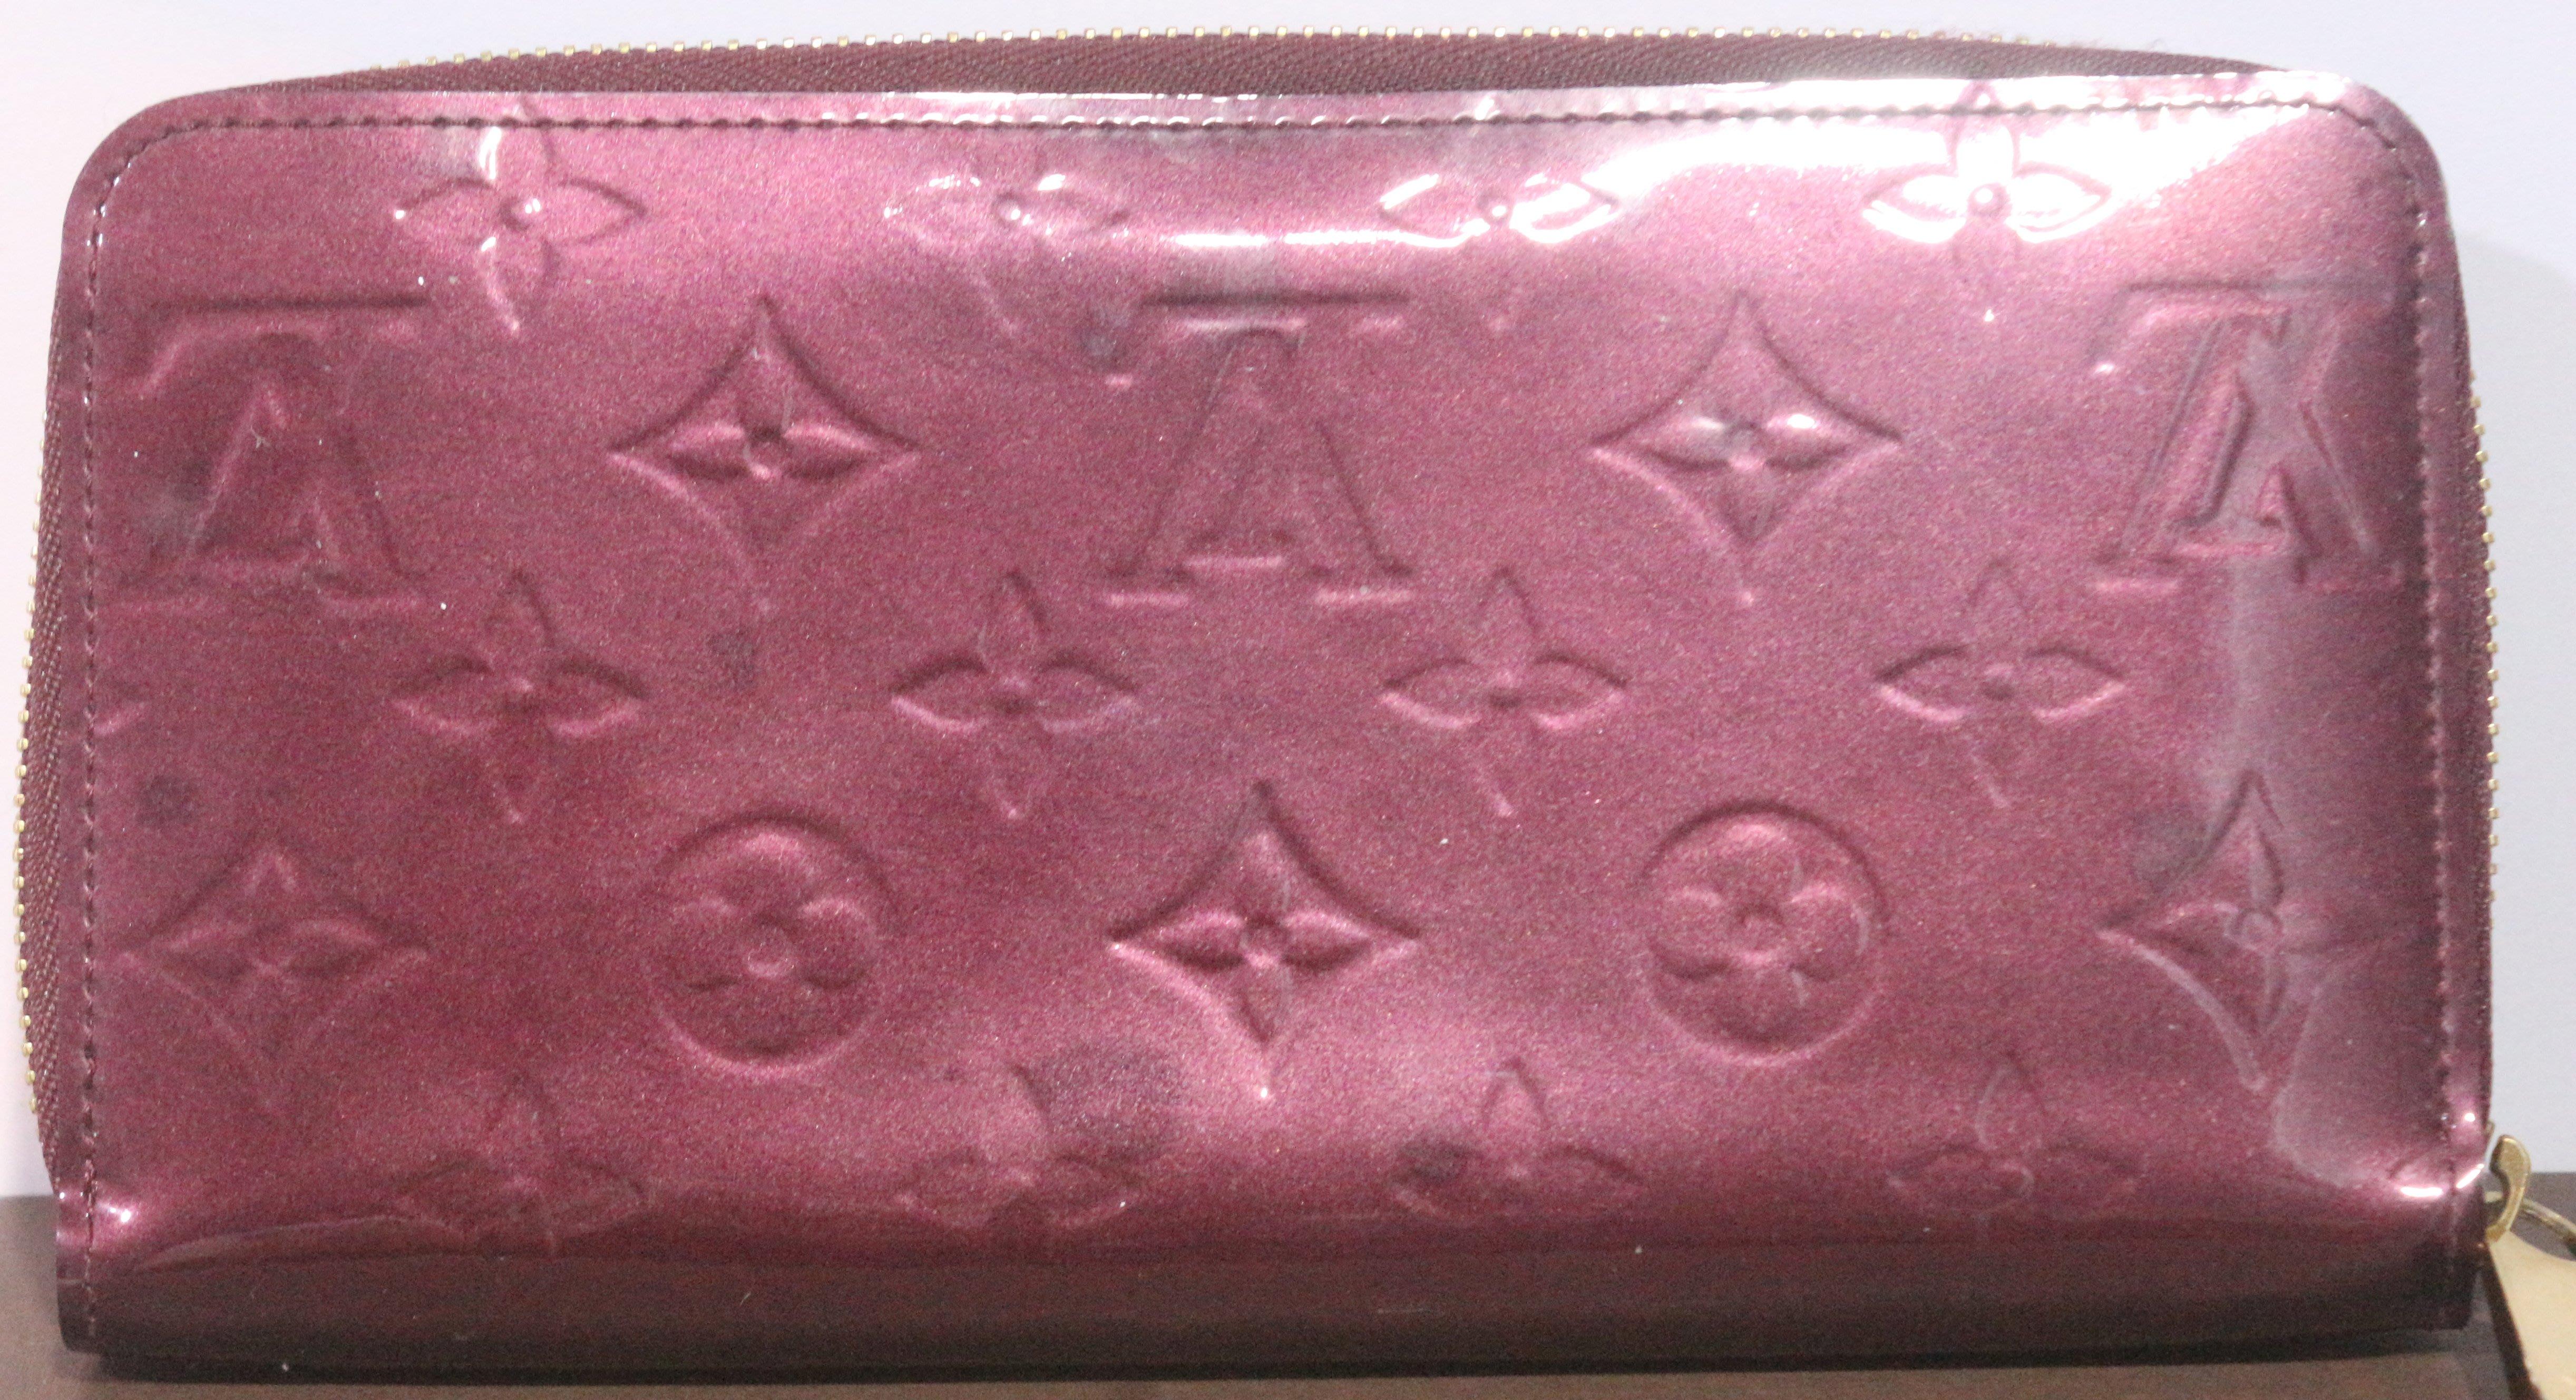 全新【㊣LV法國製Zippy Wallet】Logo皮革/立體壓紋酒紅色漆皮女仕長夾/拉鍊零錢包, 6鈔票夾層/8卡片層